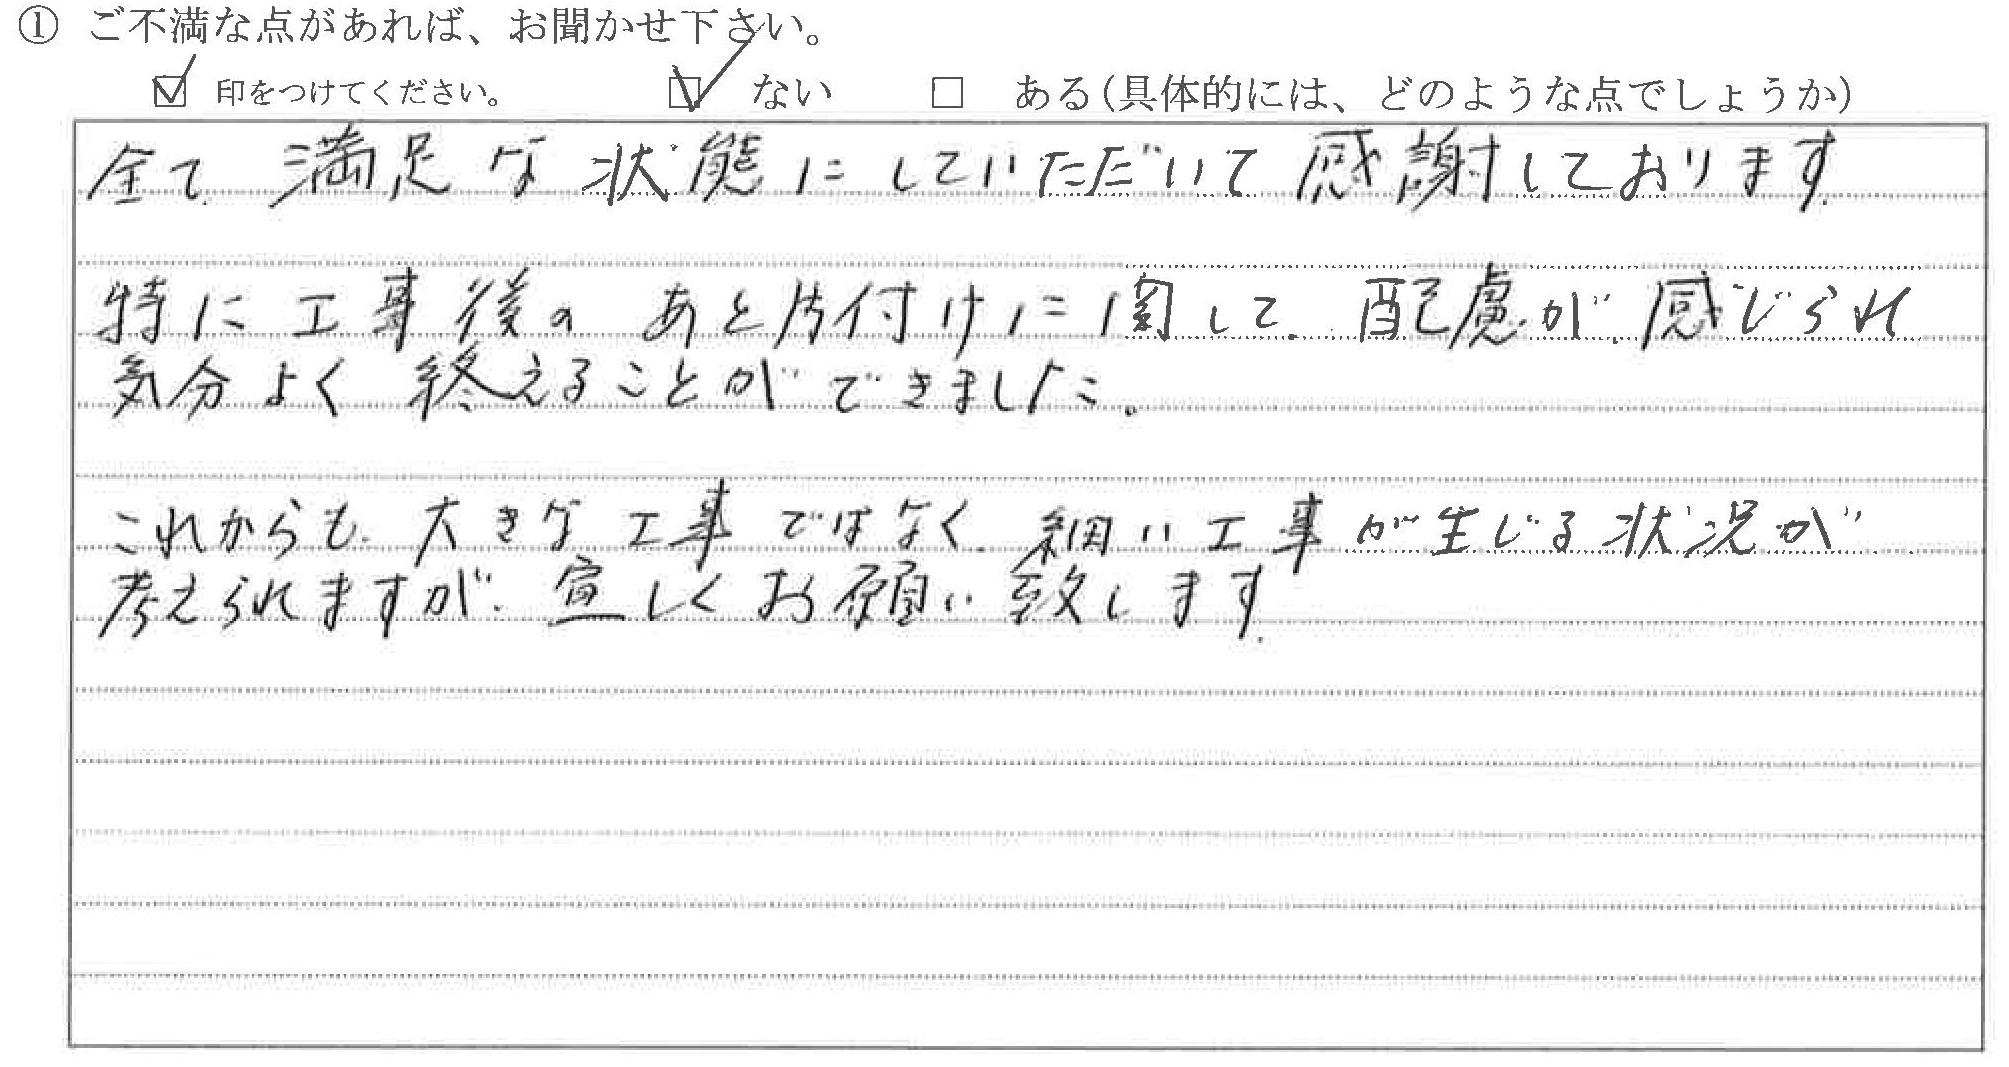 富山県富山市S様に頂いたカーポートメンテナンス及びデッキ取替工事についてのご不満な点があれば、お聞かせ下さい。というご質問について「カーポートメンテナンスほか【お喜びの声】」というお声についての画像